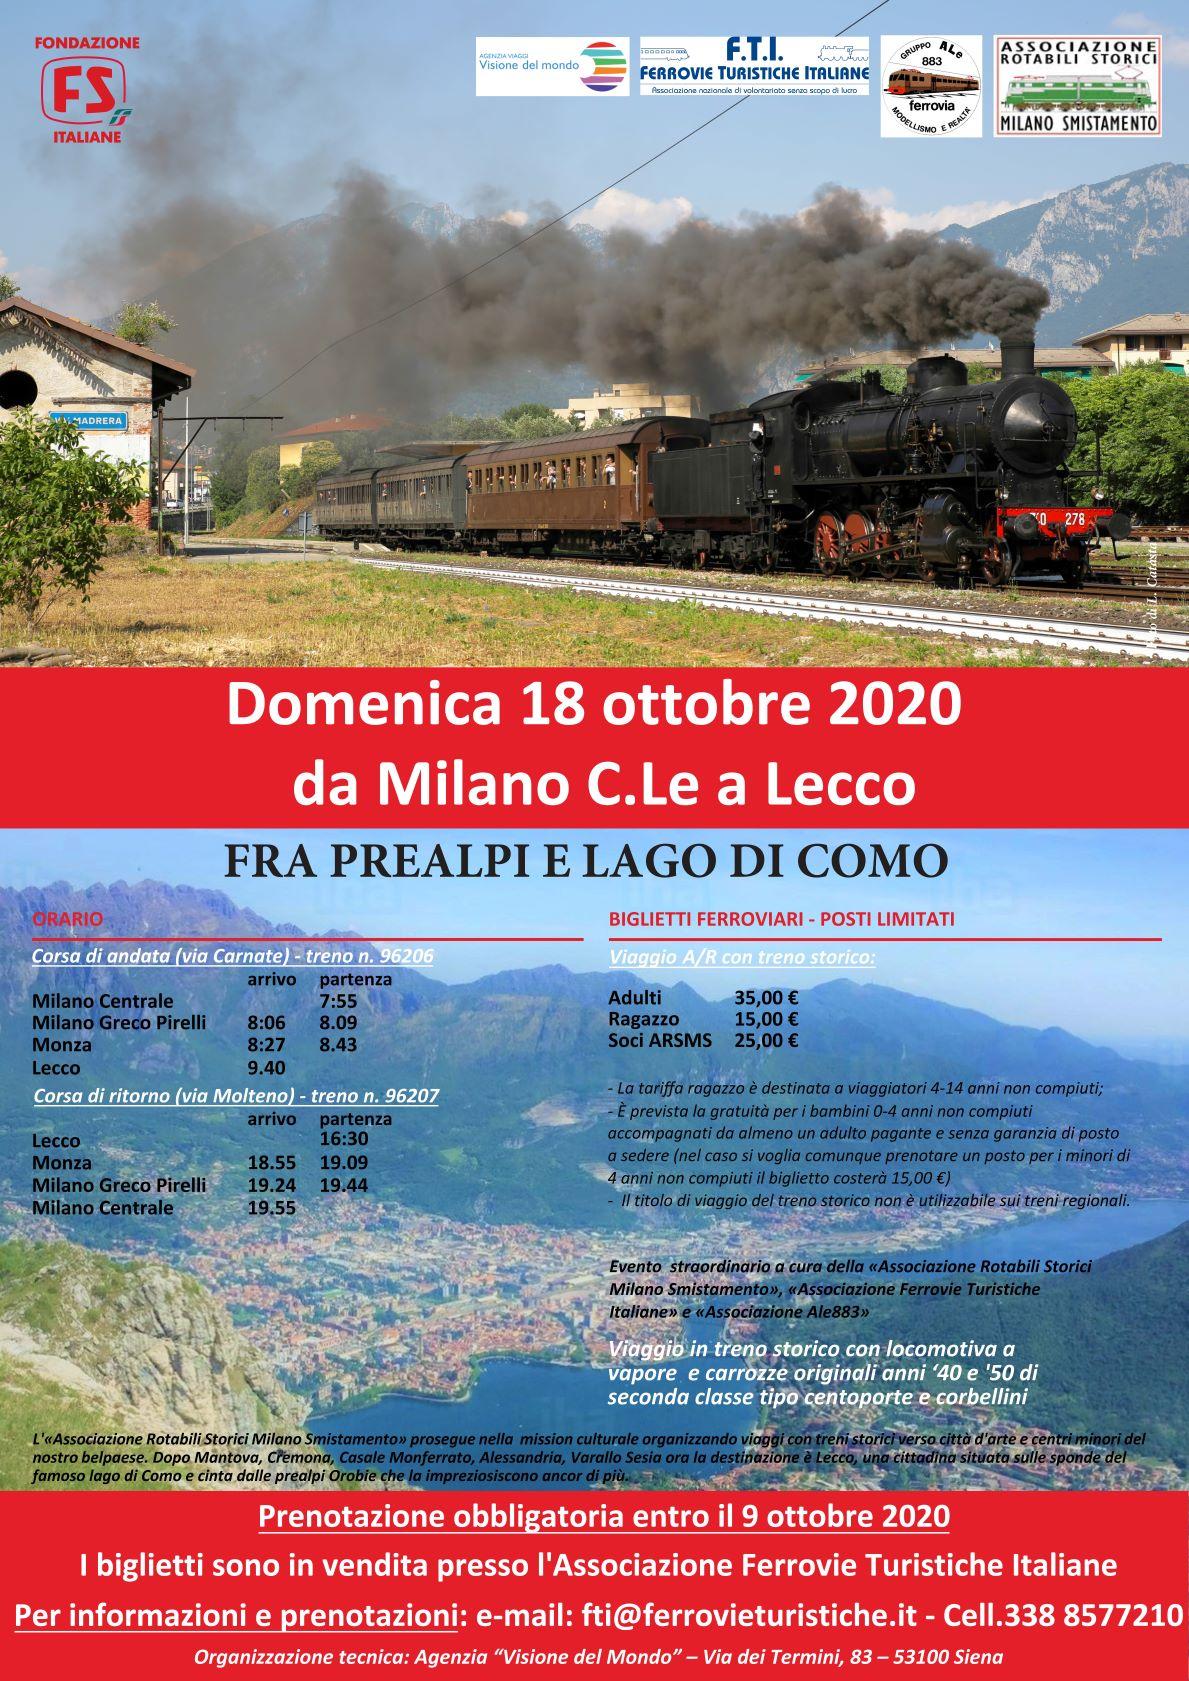 Treno storico a vapore da Milano C.le a Lecco - domenica 18 ottobre 2020